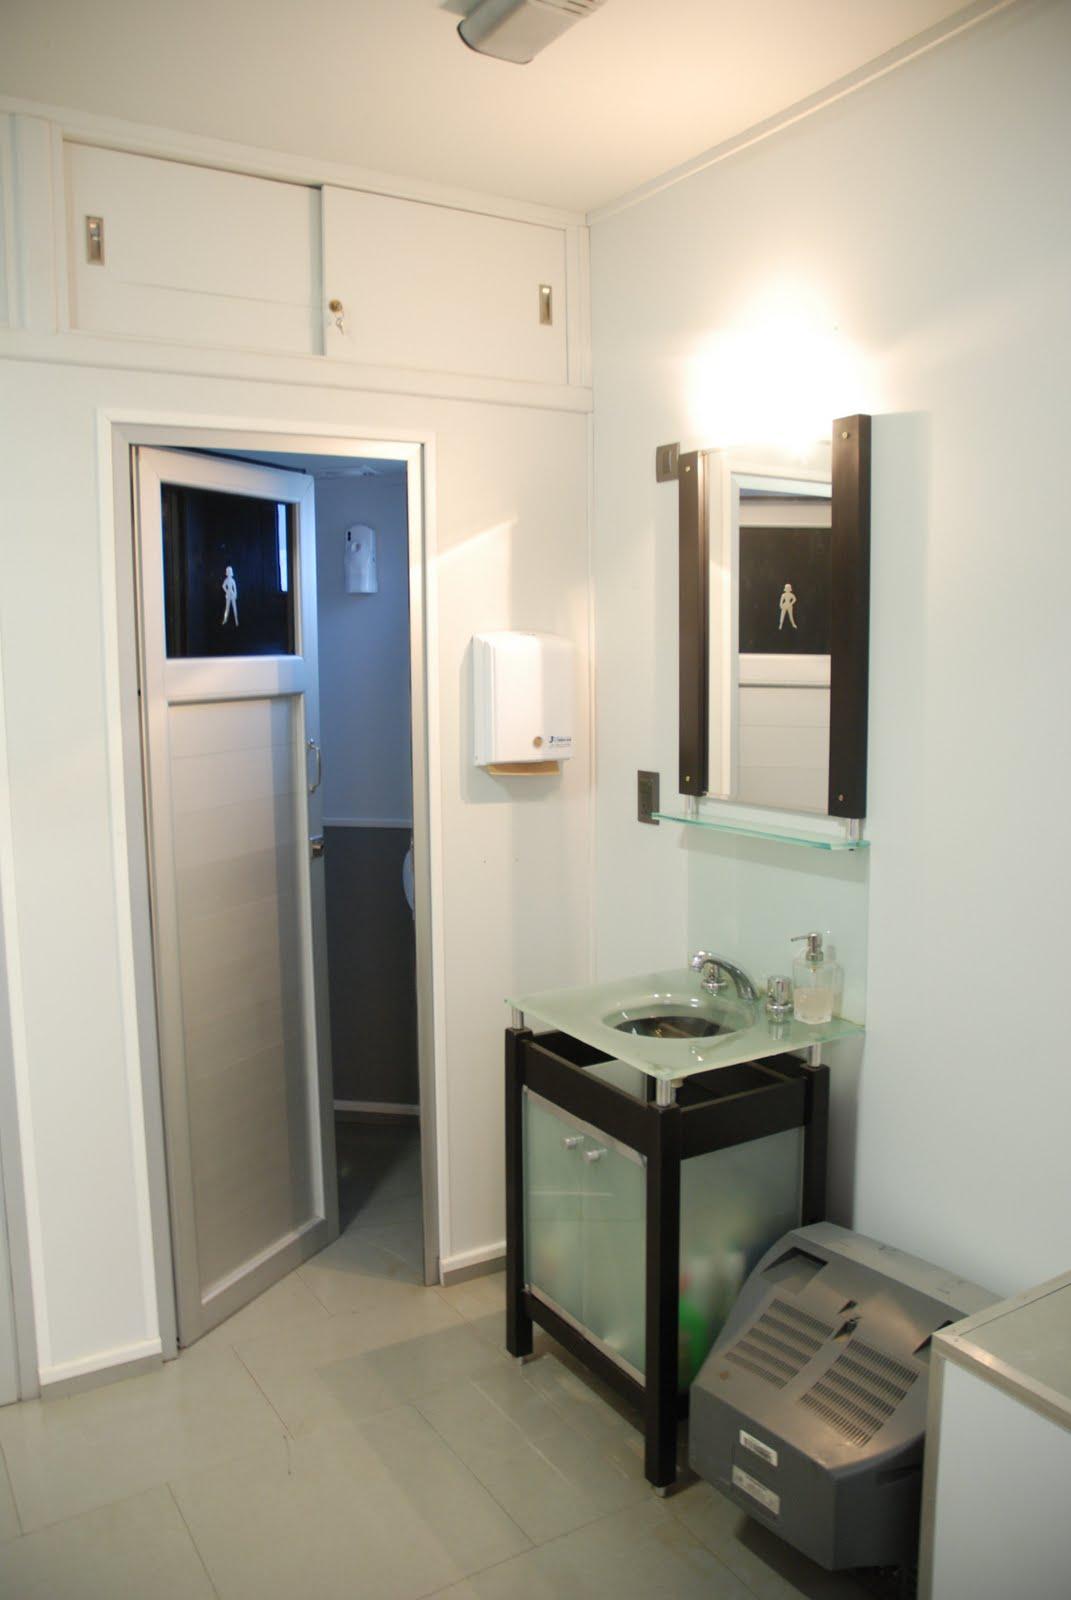 Baños Antebaño Fotos:CARROCERA TANDIL —–: Sala de Prensa – Baño y